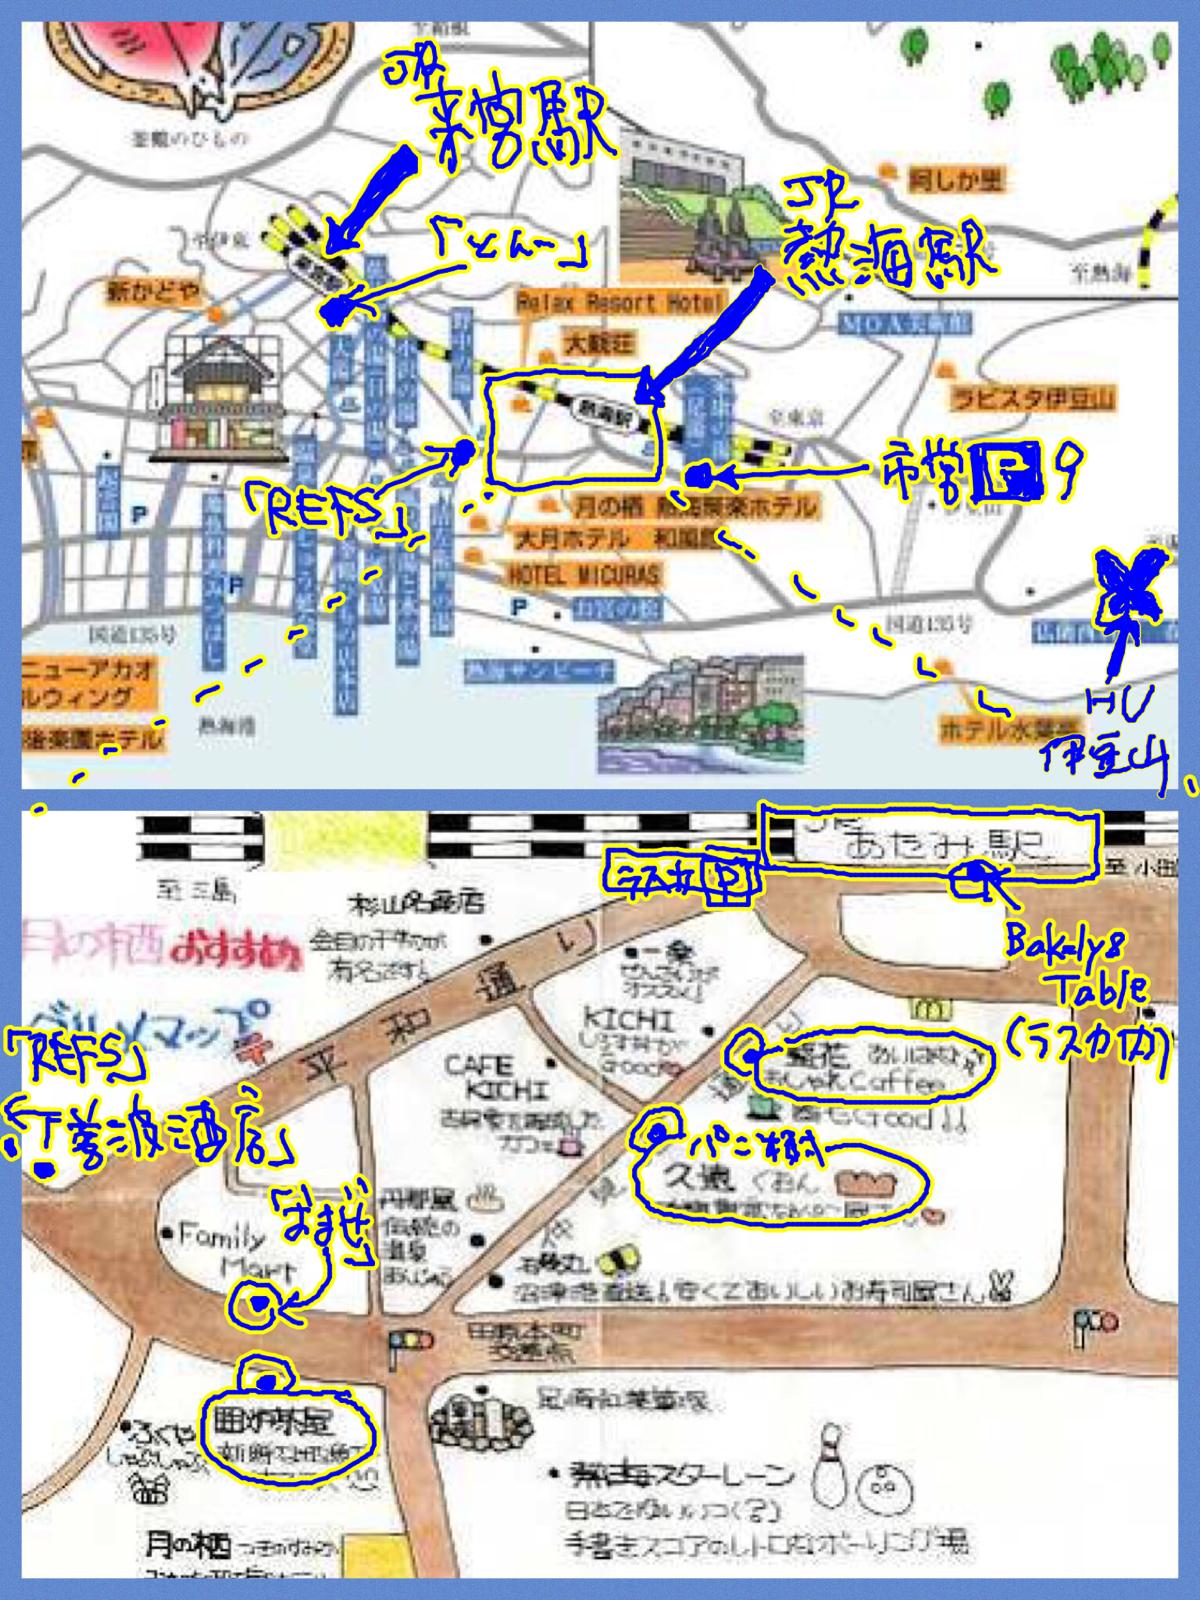 熱海駅周辺 マップ 東急ハーヴェストクラブ熱海 テイクアウト レストラン